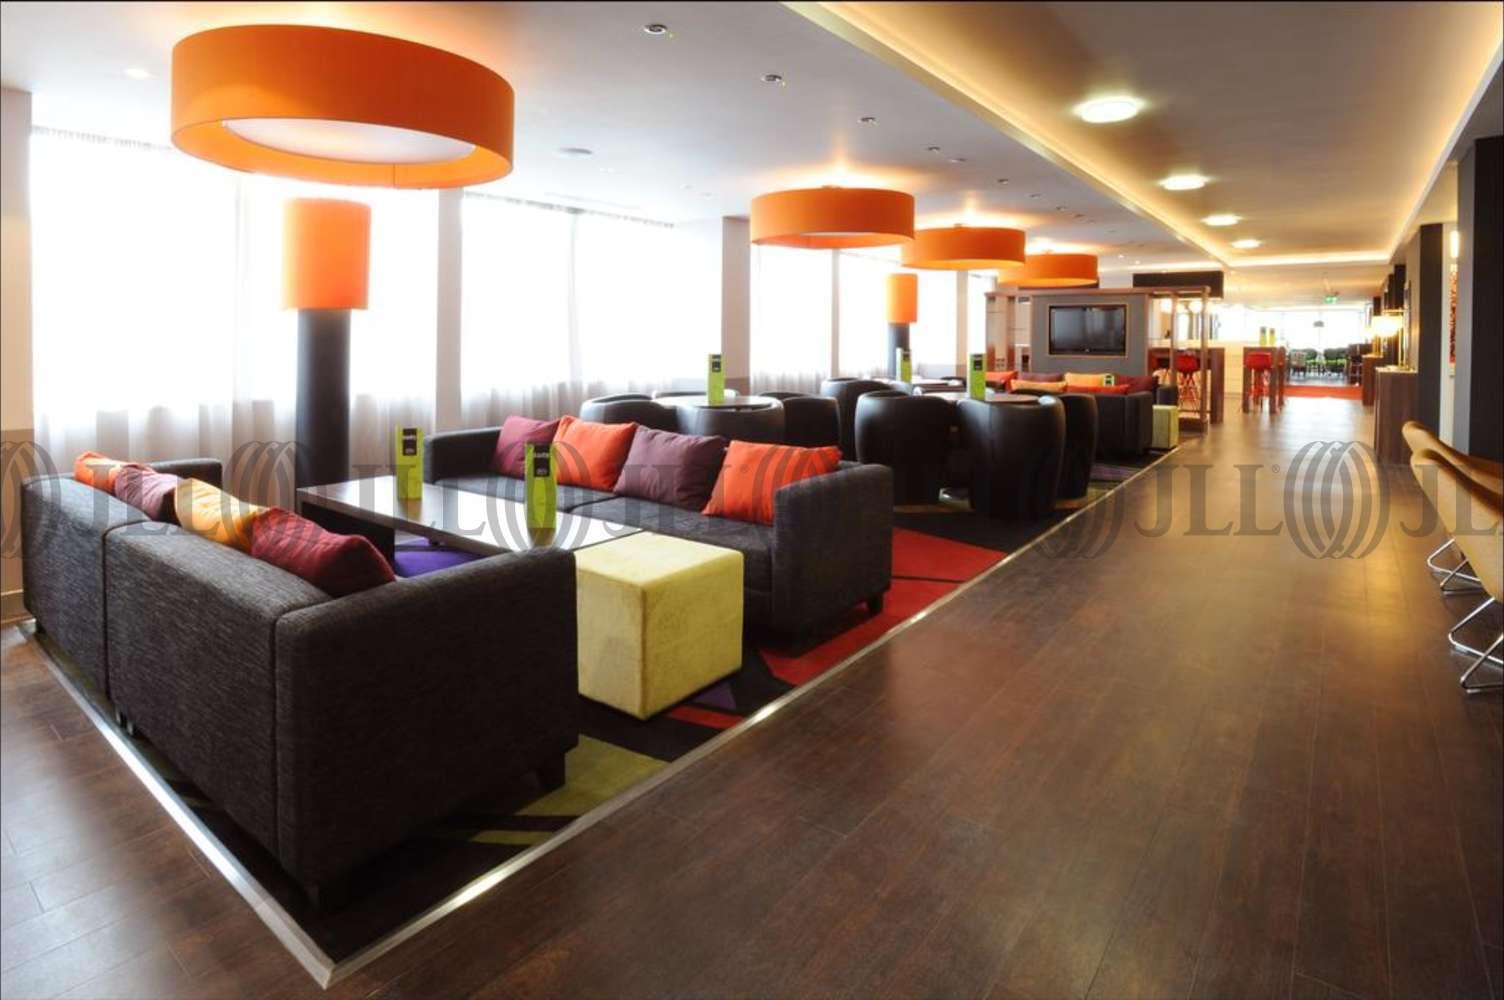 Hotel Birmingham, B15 1SU - Hampton by Hilton Birmingham Broad Street - 82426